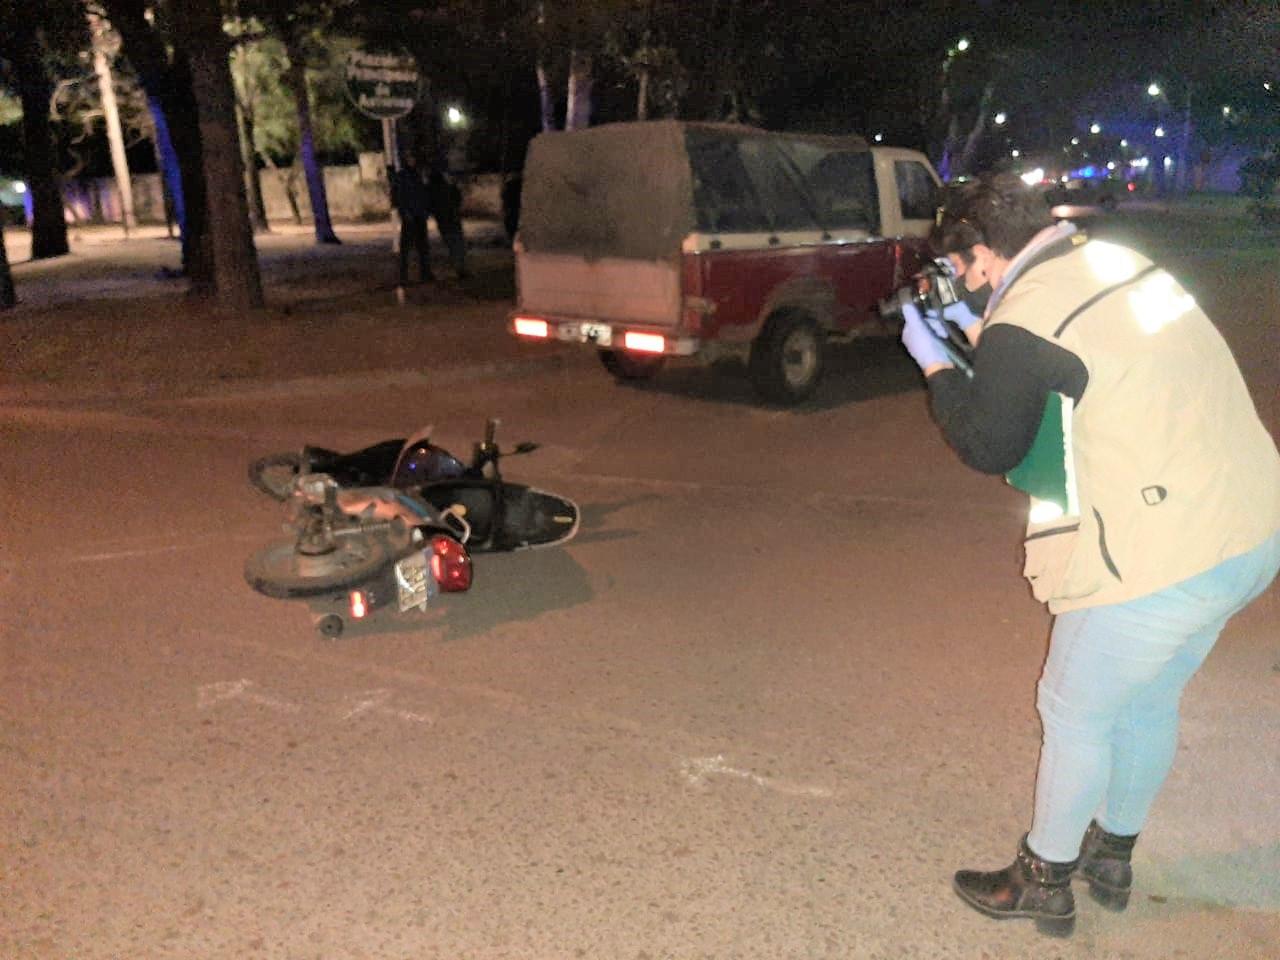 Choque entre camioneta y moto en calle 115 y 4: Una mujer y un menor de edad fueron hospitalizados